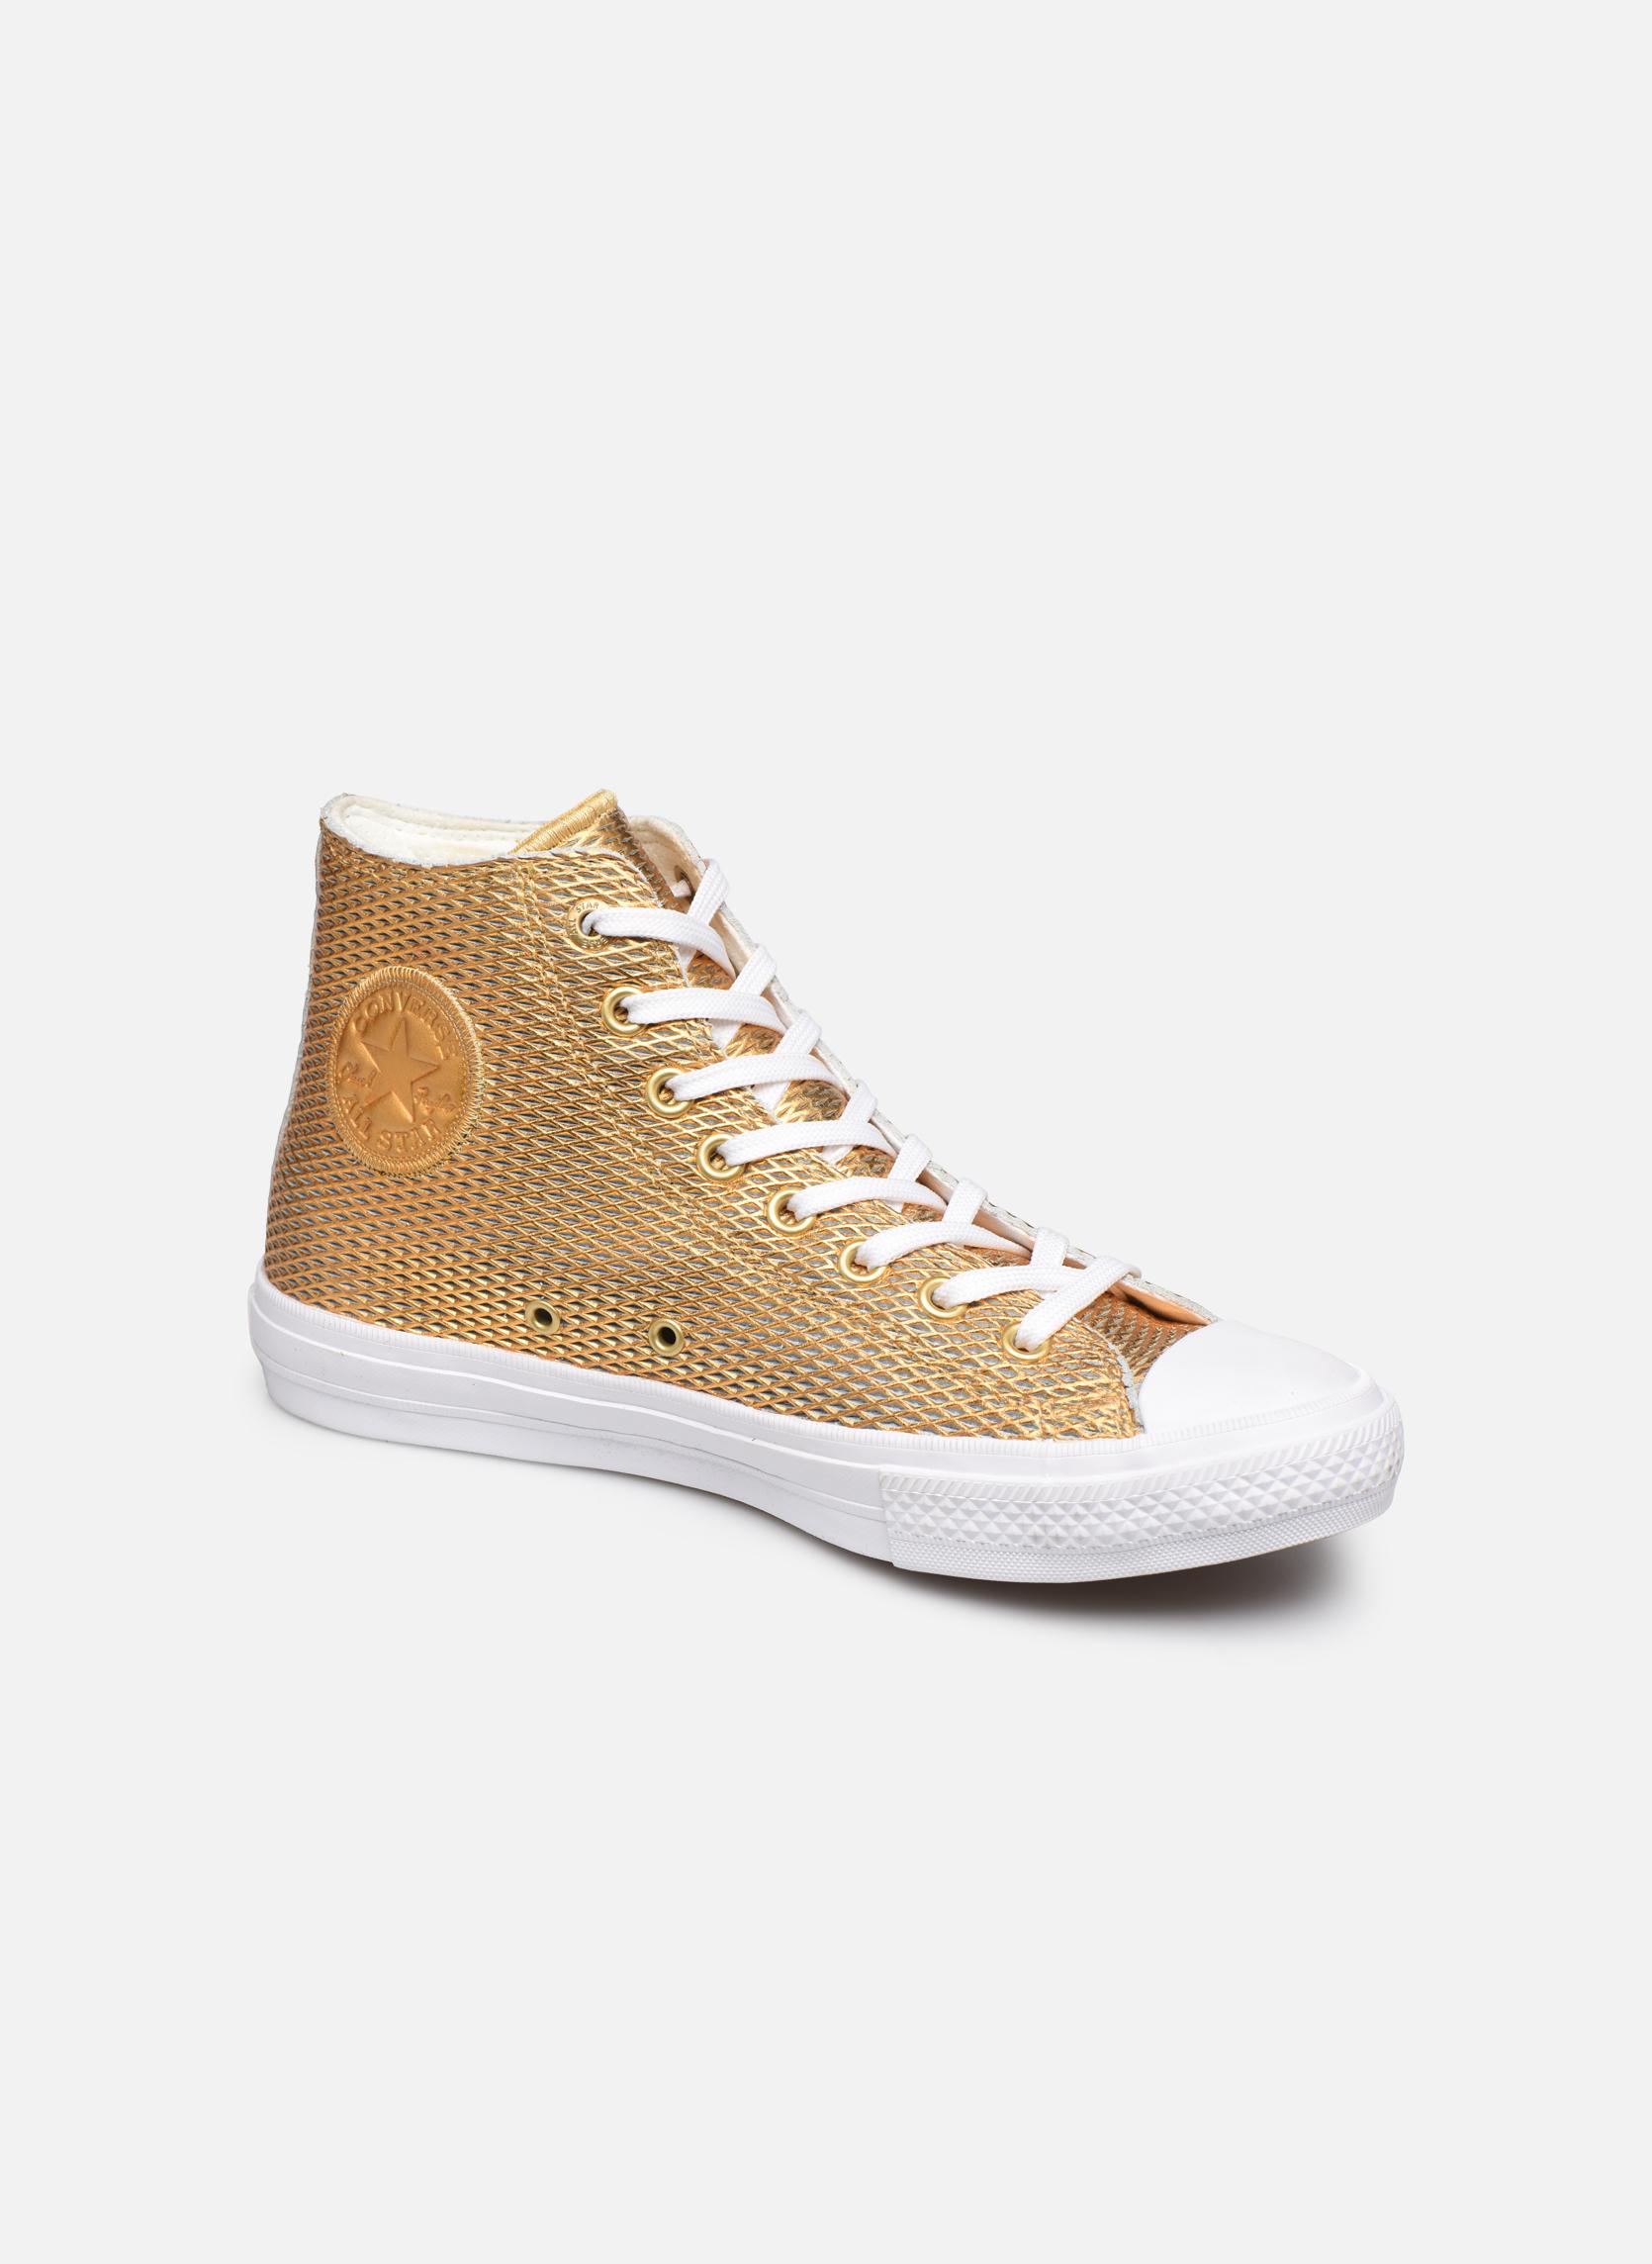 Zapatos promocionales Converse Chuck Taylor All Star II Hi Perf Metallic Leather (Oro y bronce) - Deportivas   Casual salvaje